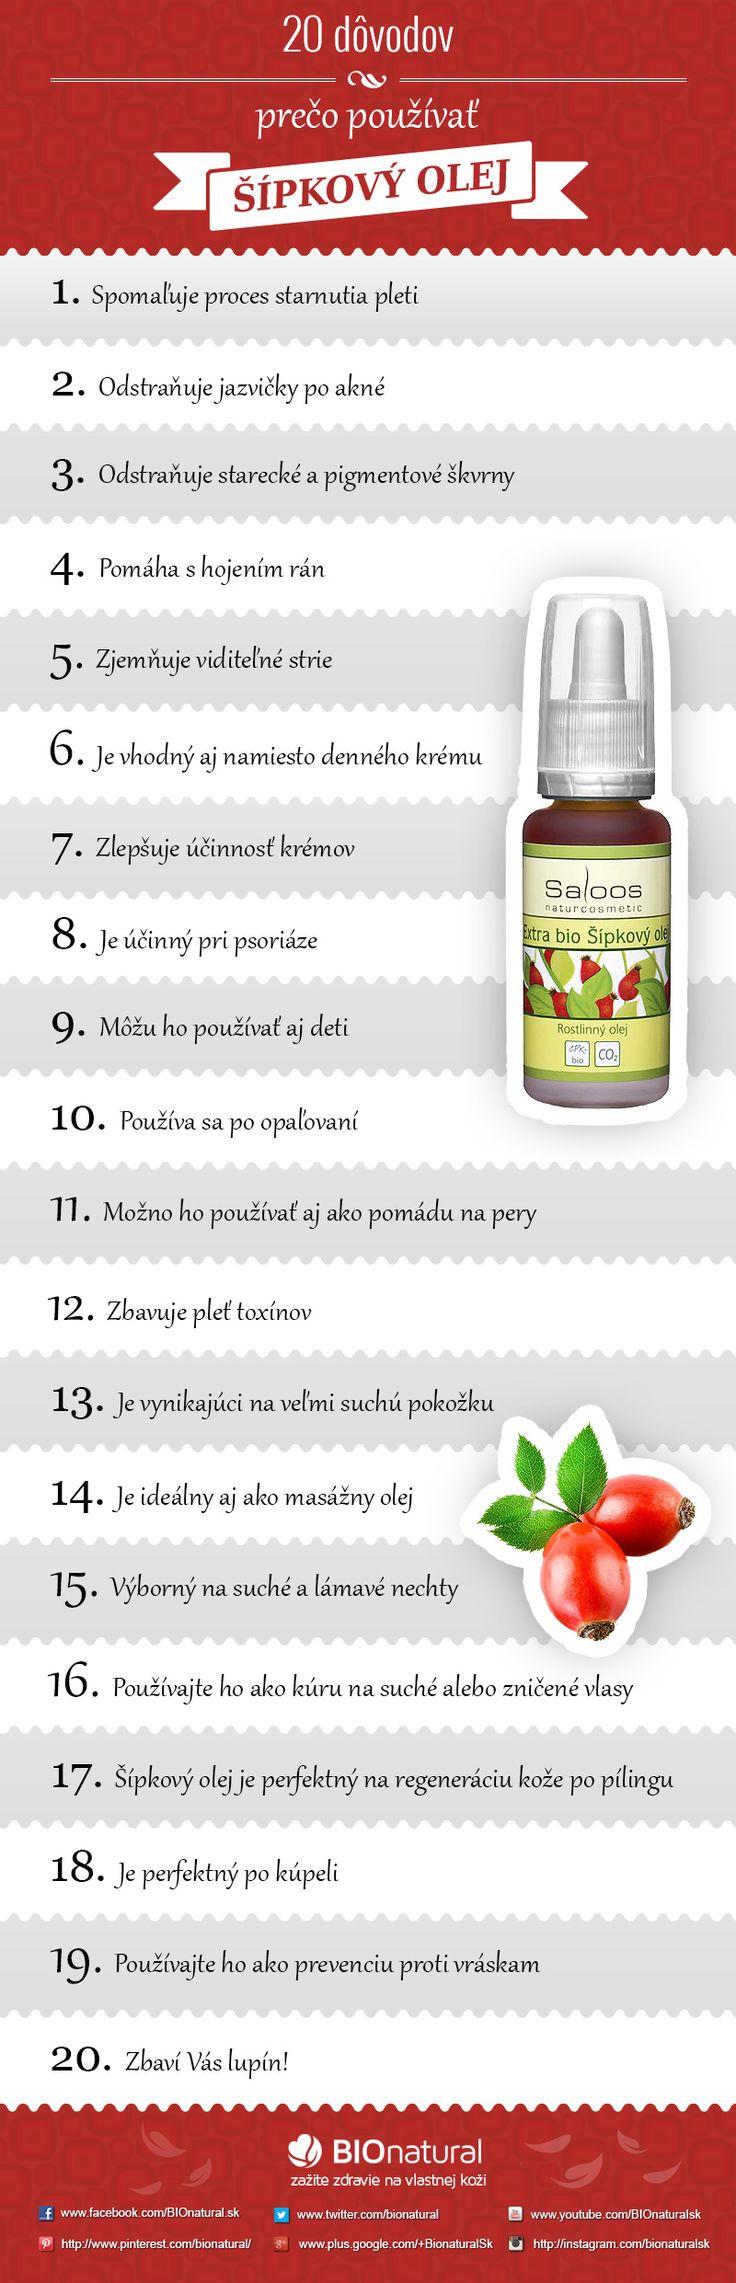 20 dôvodov, prečo používať šípkový olej http://www.bionatural.sk/a/20-dovodov-preco-pouzivat-sipkovy-olej-infografika